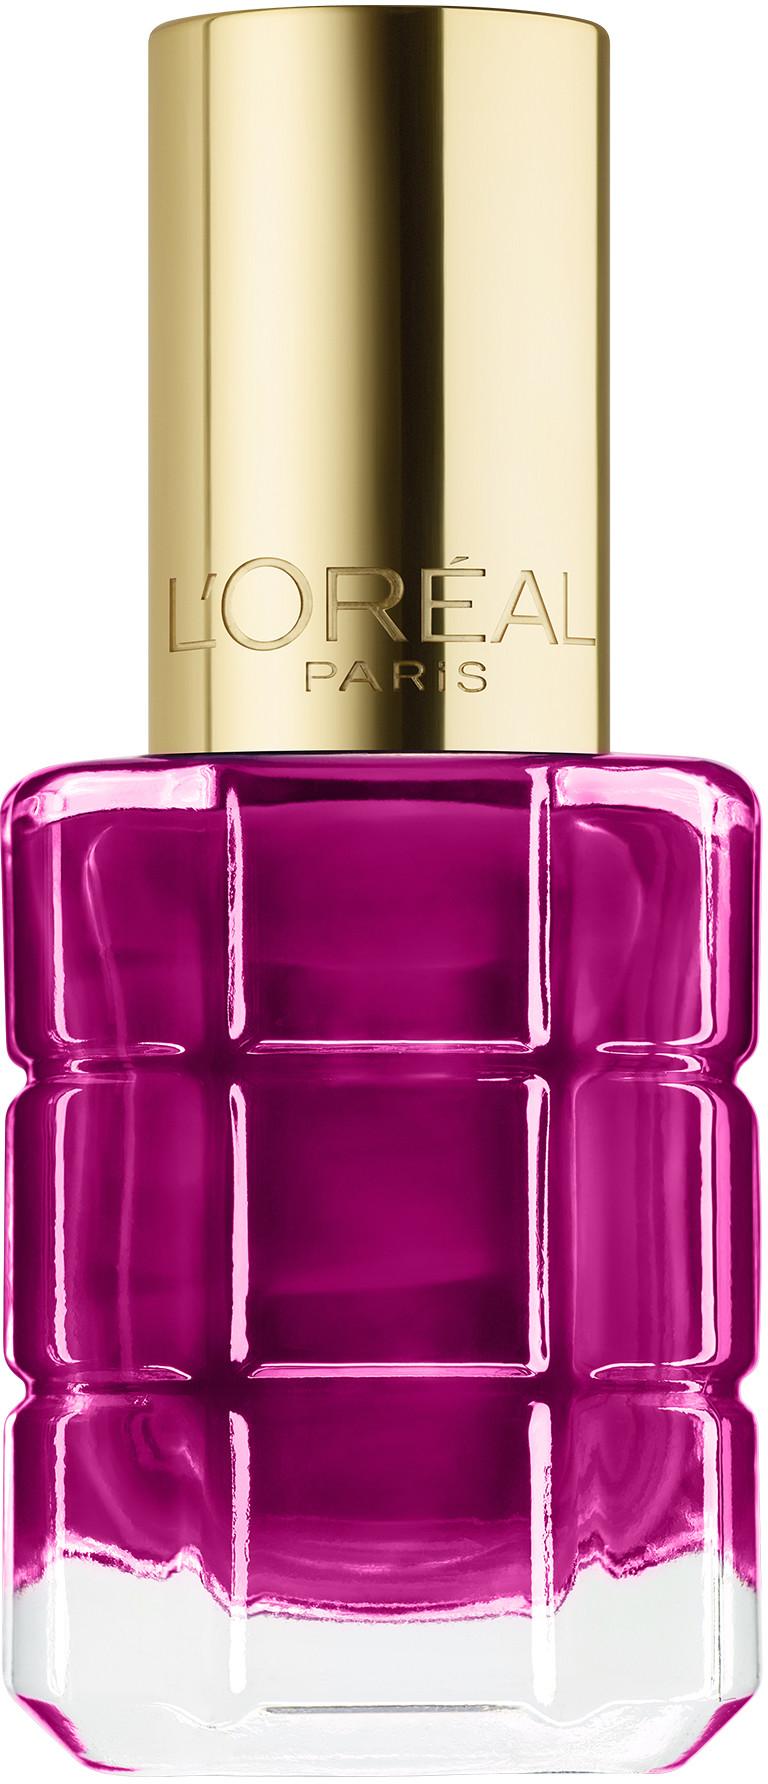 Loreal Polska Loréal Paris Color Riche Vernis A LHuile Lakier do paznokci 330 13